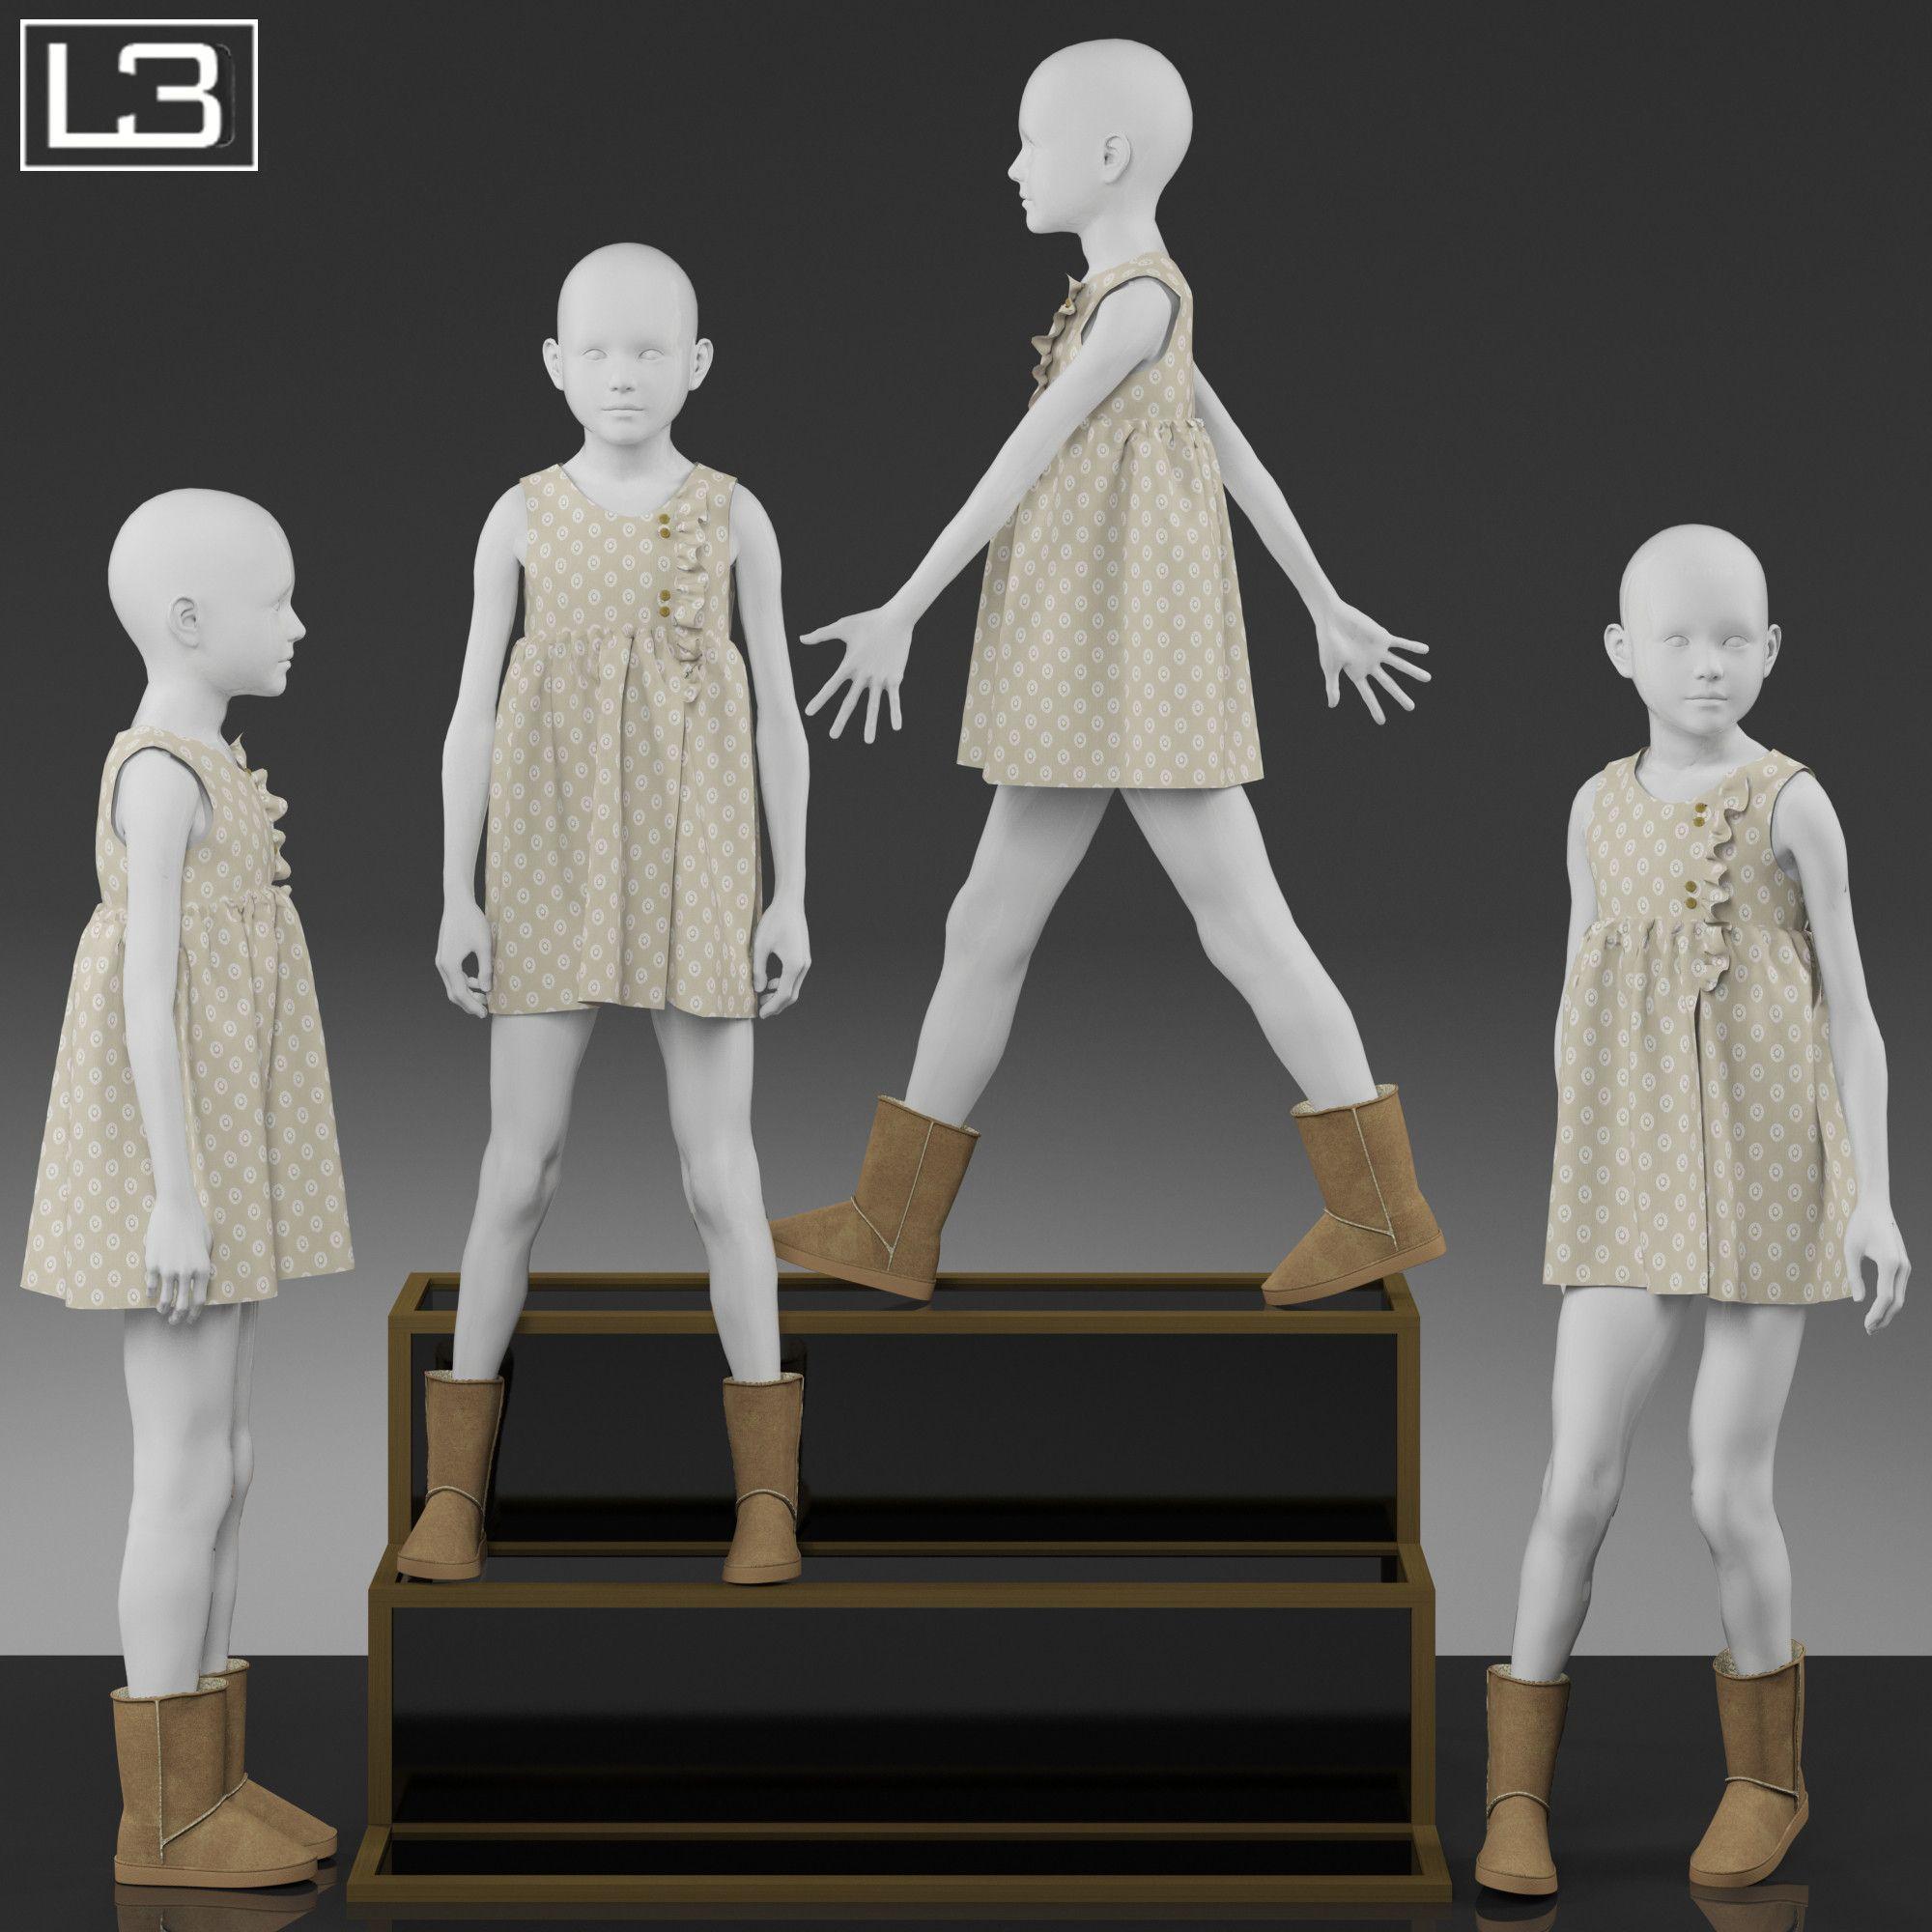 kid mannequin clothes 3d max kids pinterest 3d